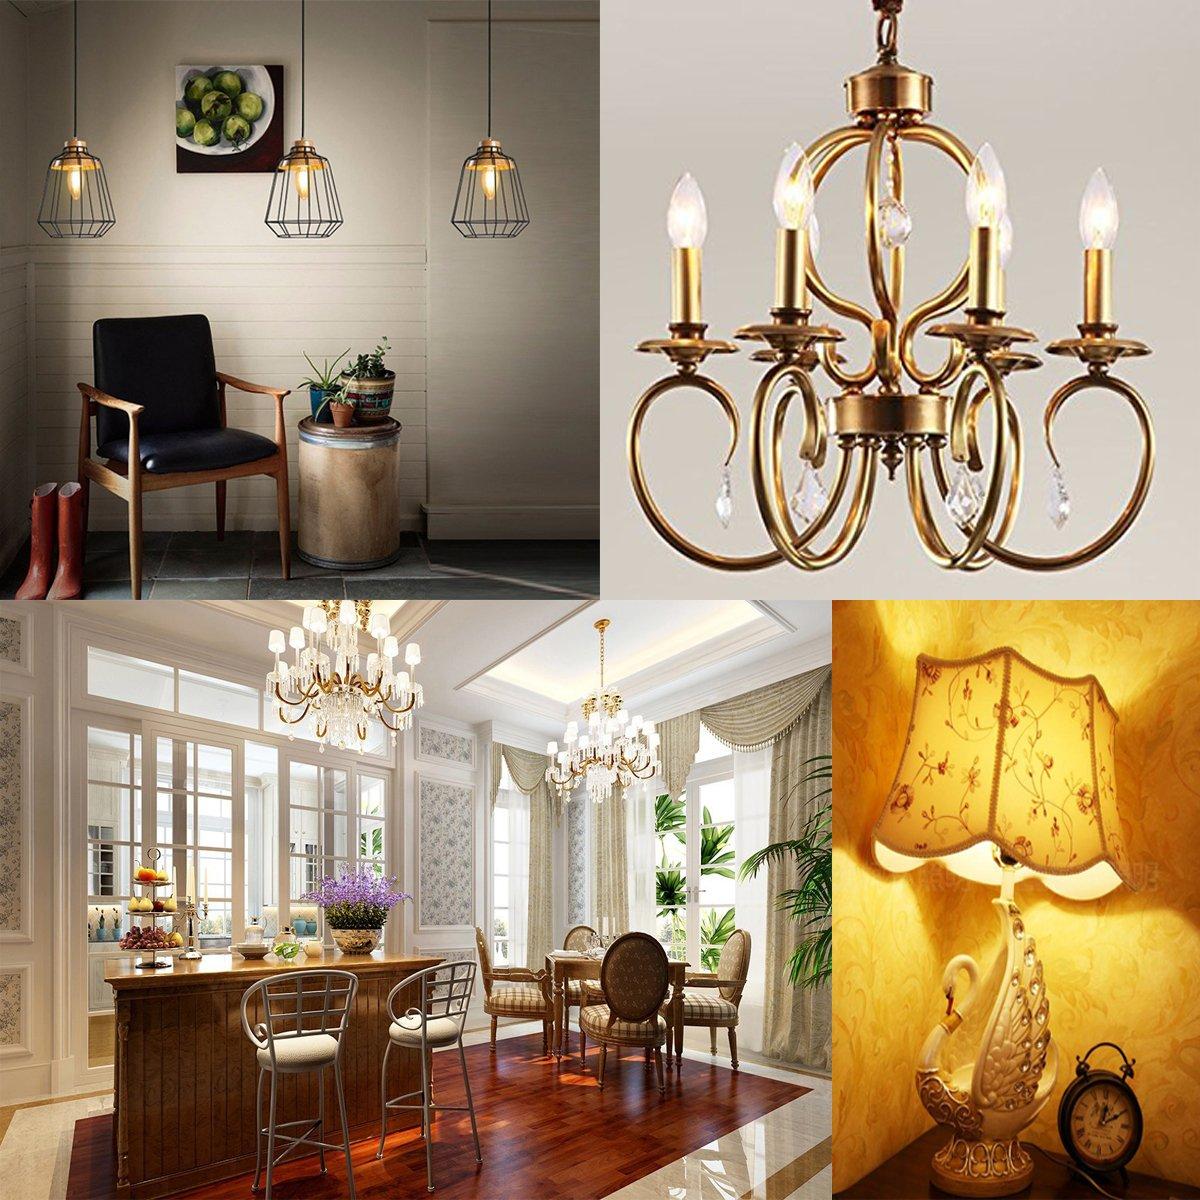 Wedna 10 Pezzi Lampadine LED E14 a Filamento Non Dimmerabile Stile B 4W lampadina a candela Equivalenti a 40 W Incandescenza 2700K Luce Calda 420lm